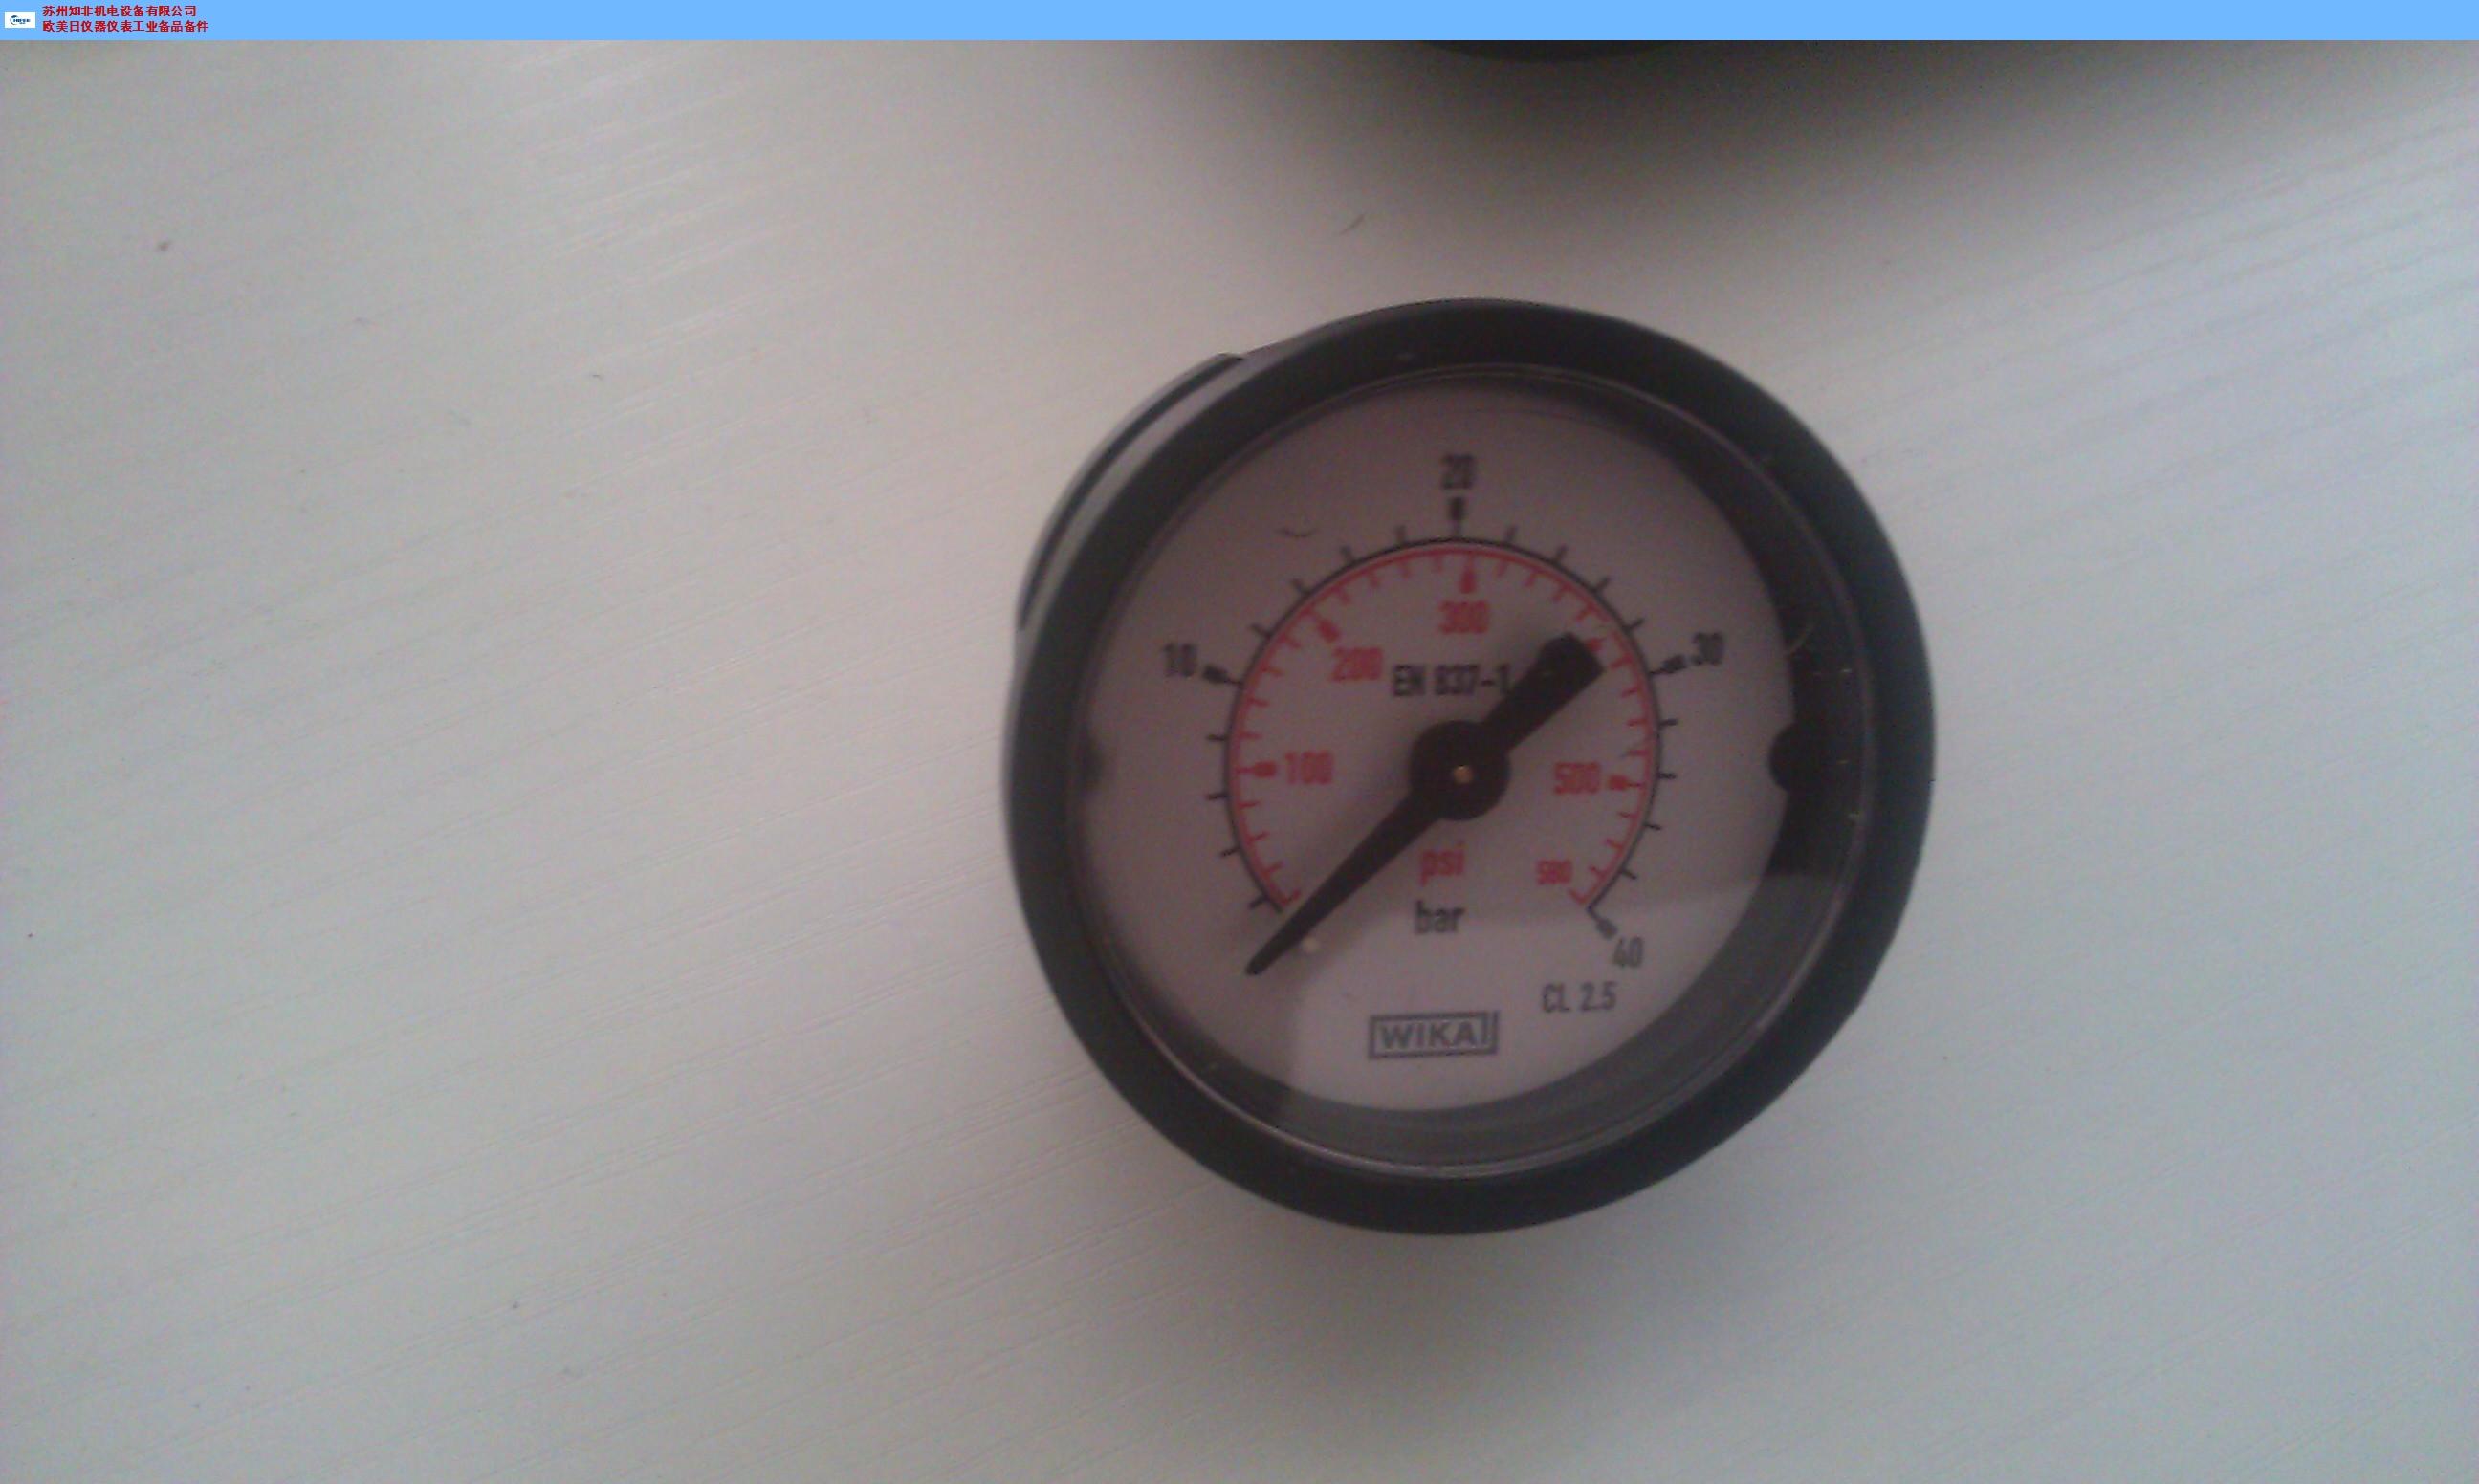 江浙沪数显温度开关价格货期 来电咨询 苏州知非机电设备供应